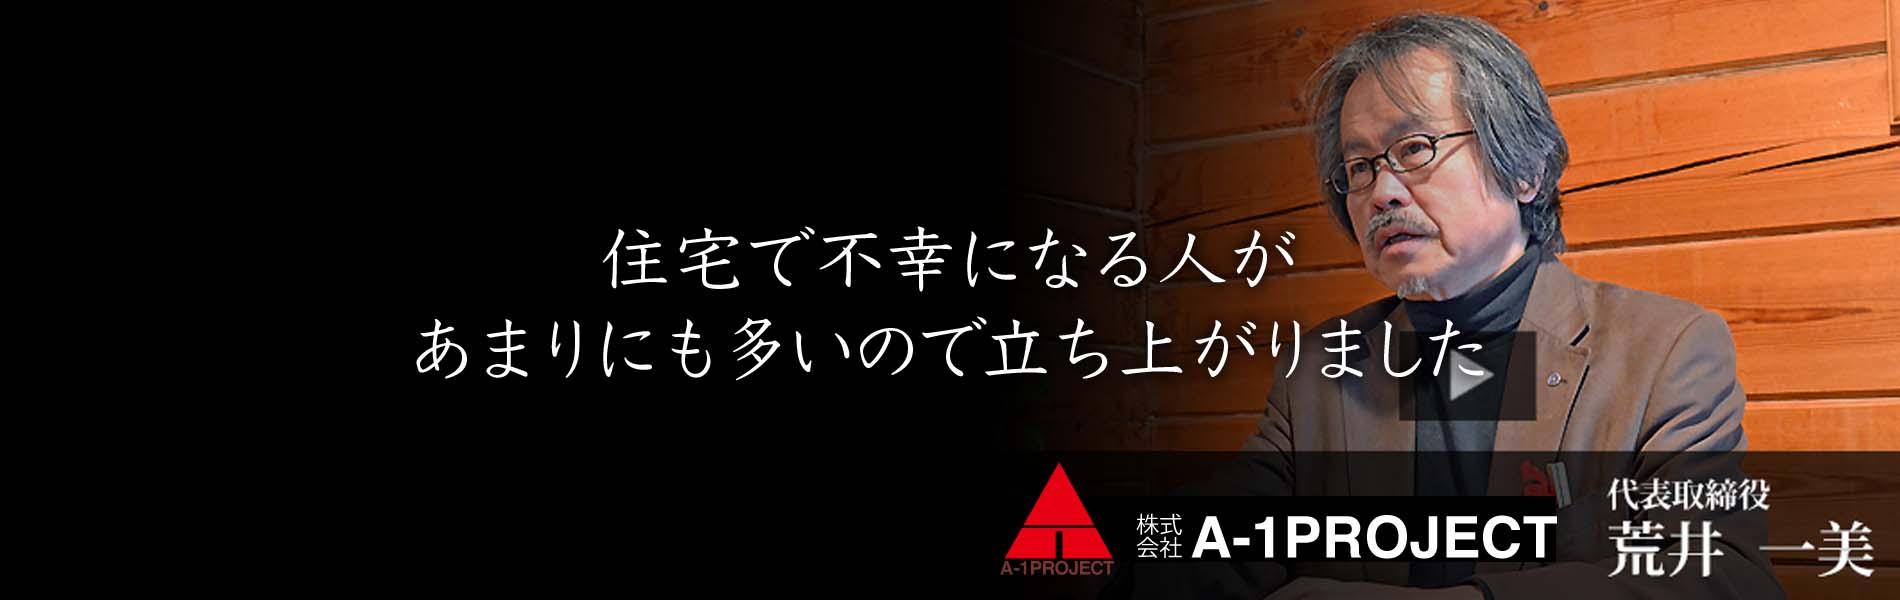 A-1PROJECT荒井代表メッセージ